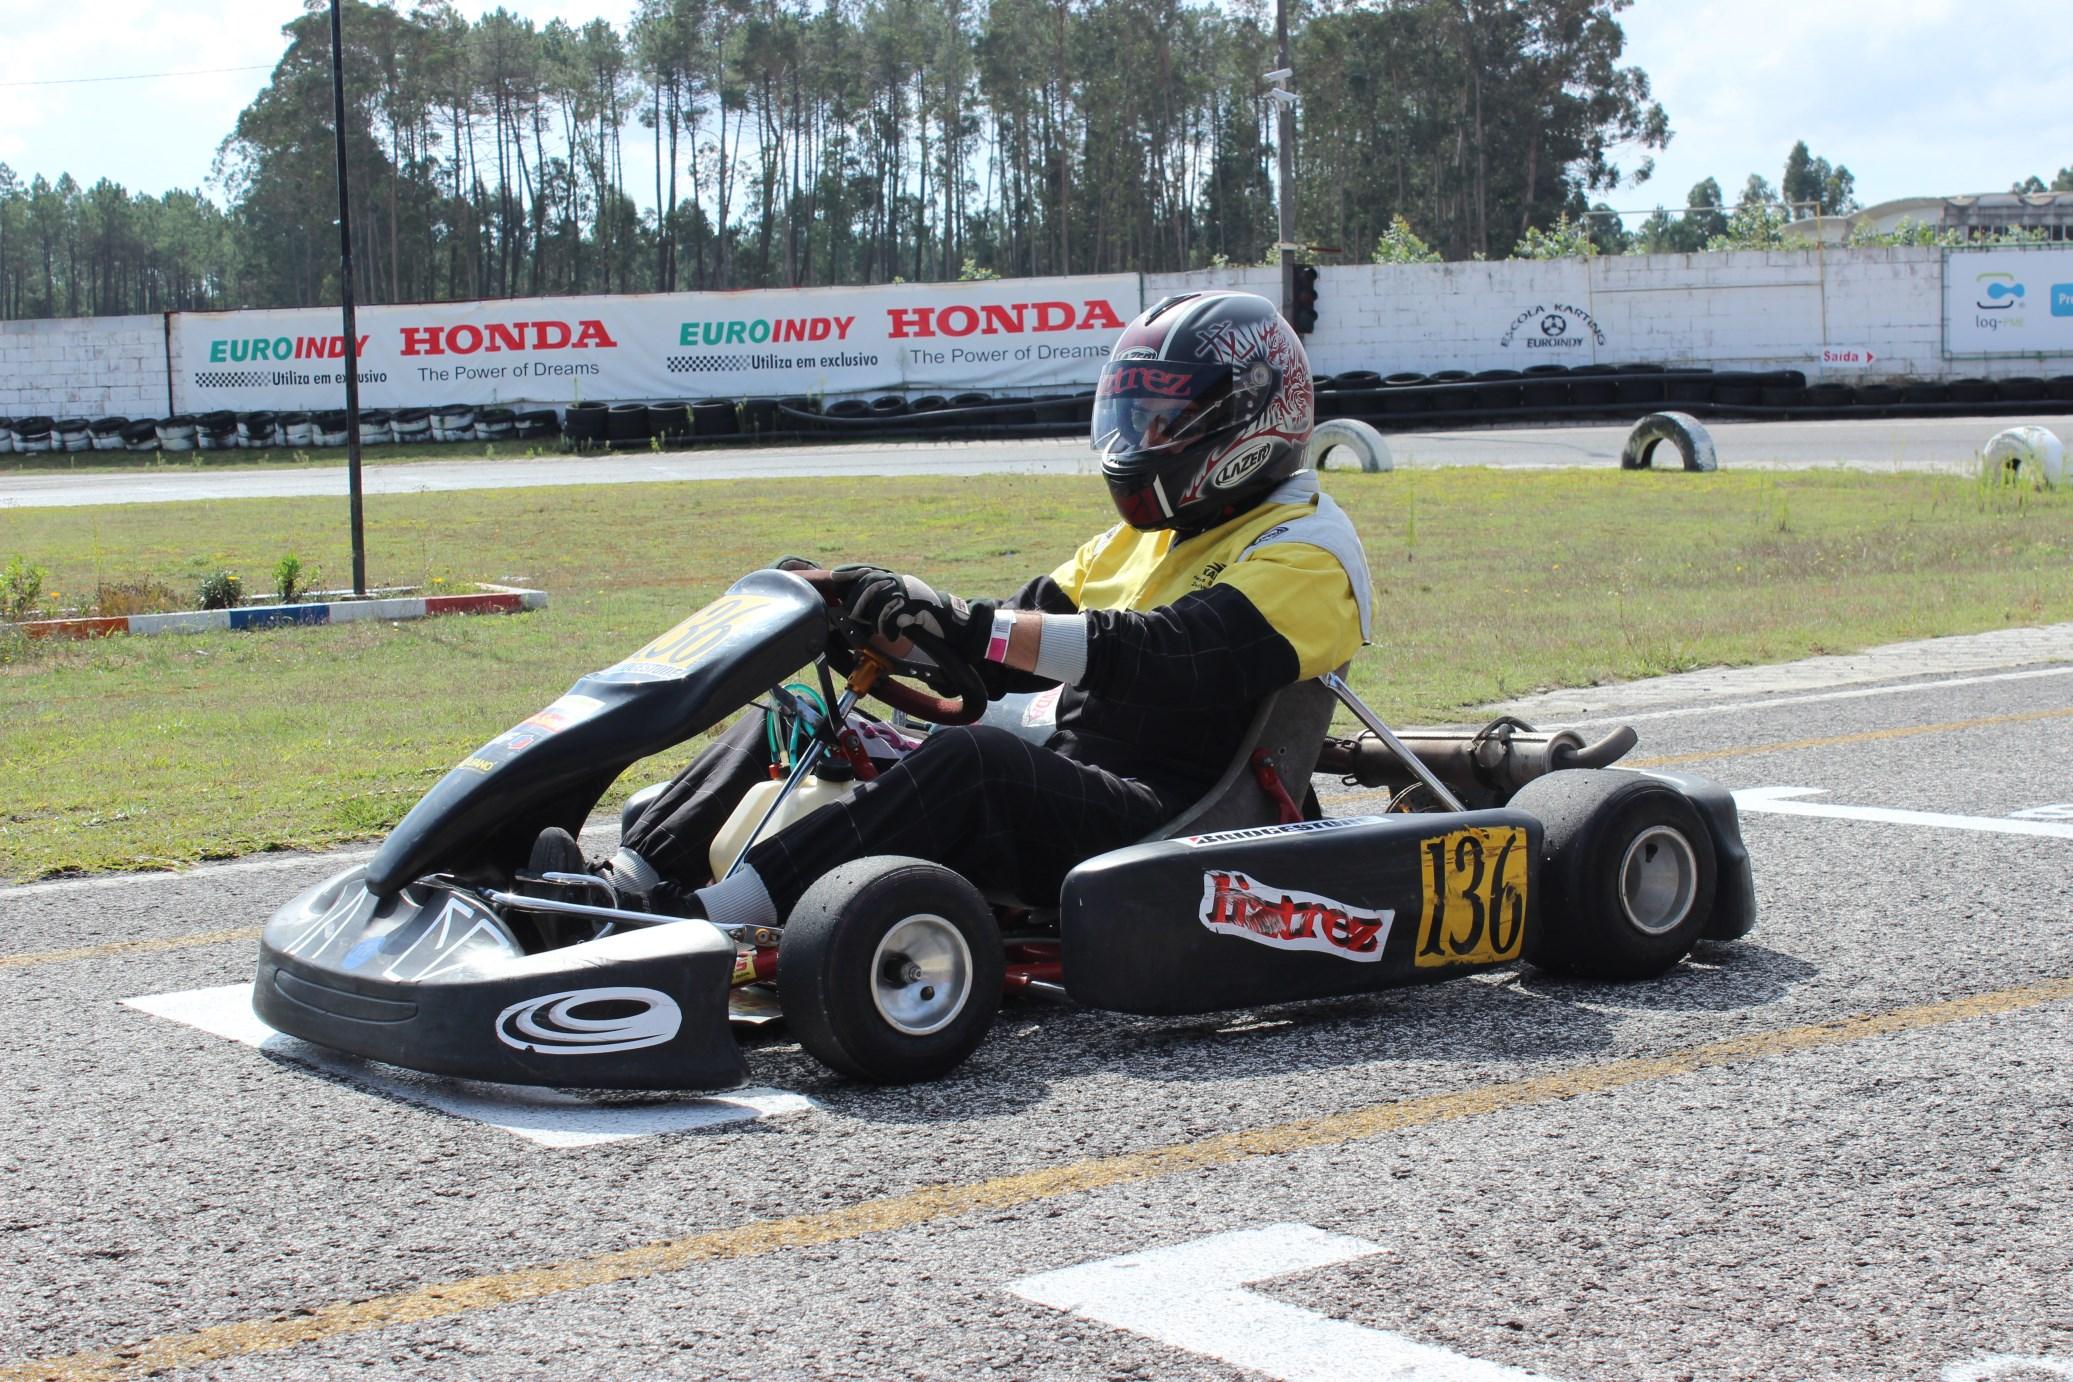 Troféu Honda 2014 - 3ª Prova107